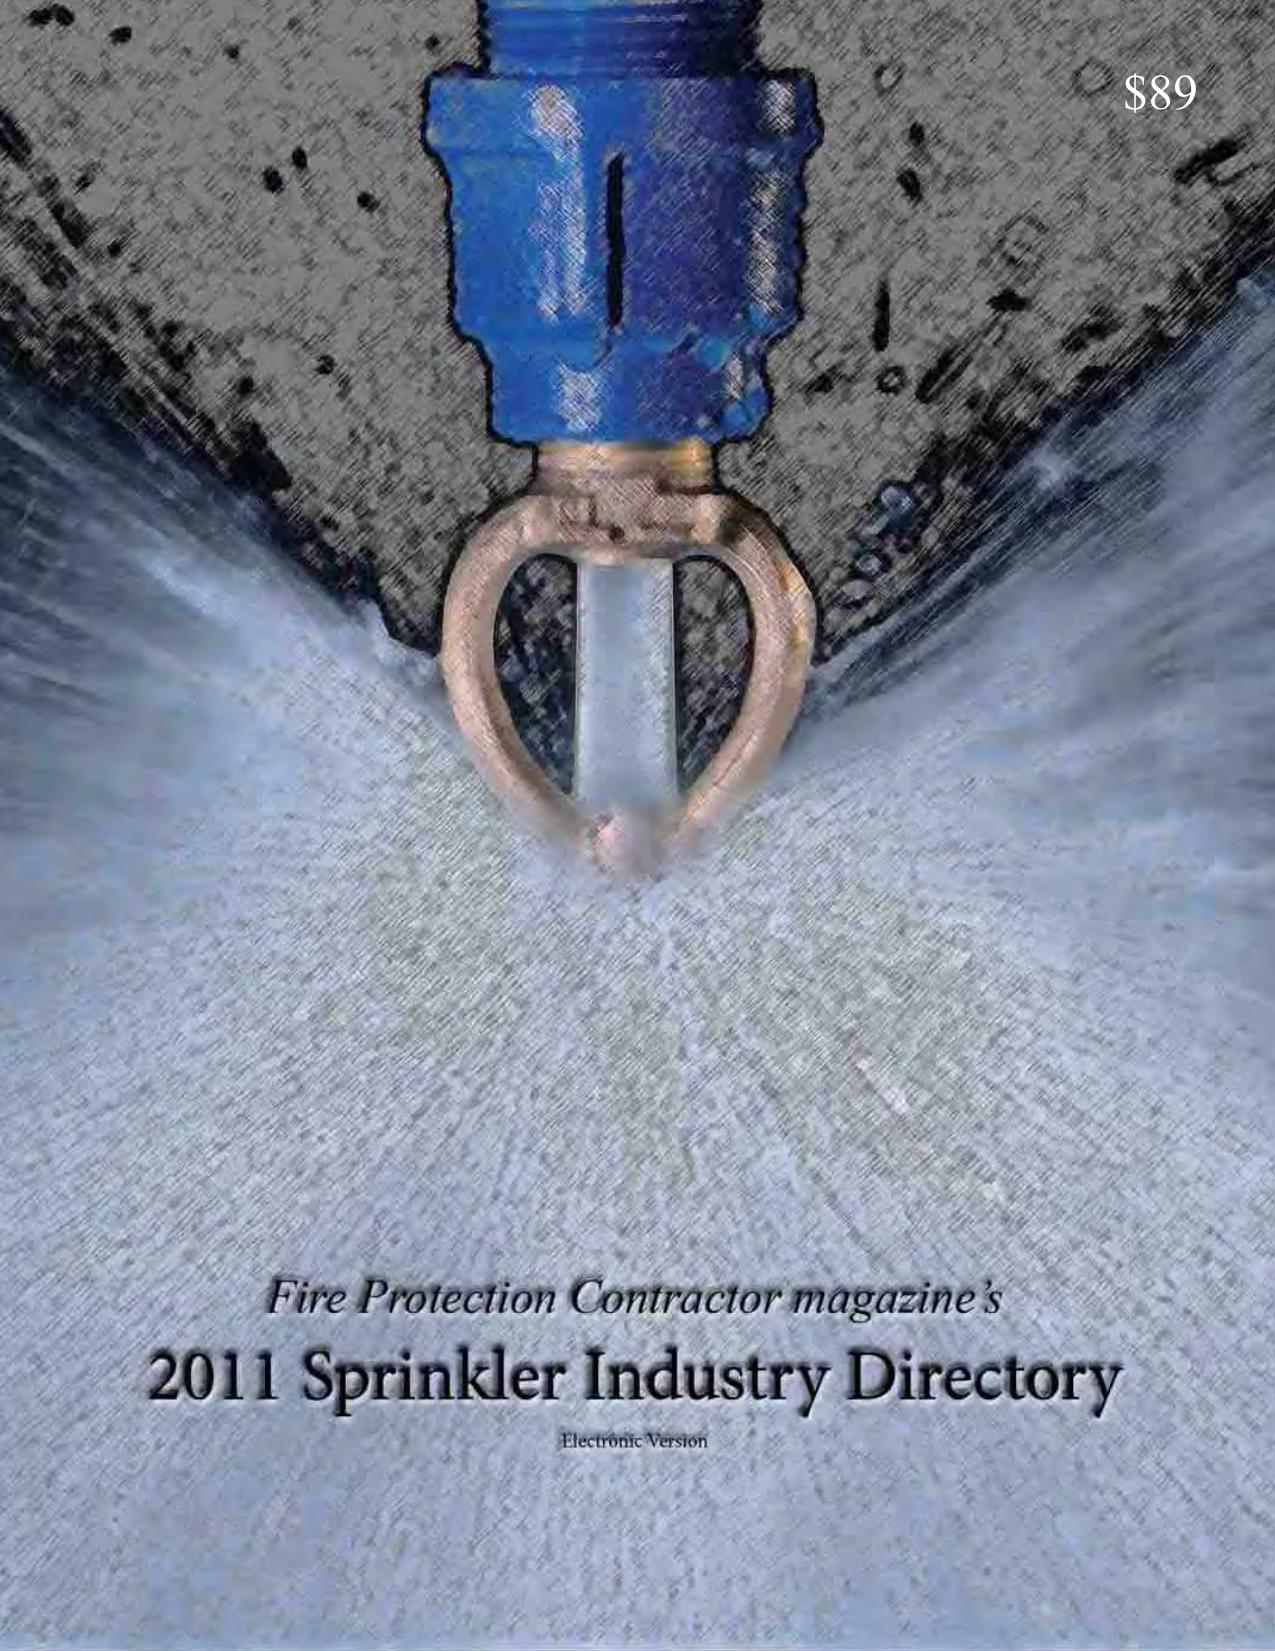 GARDENA 2776-U Connector Sprinkler System Pro